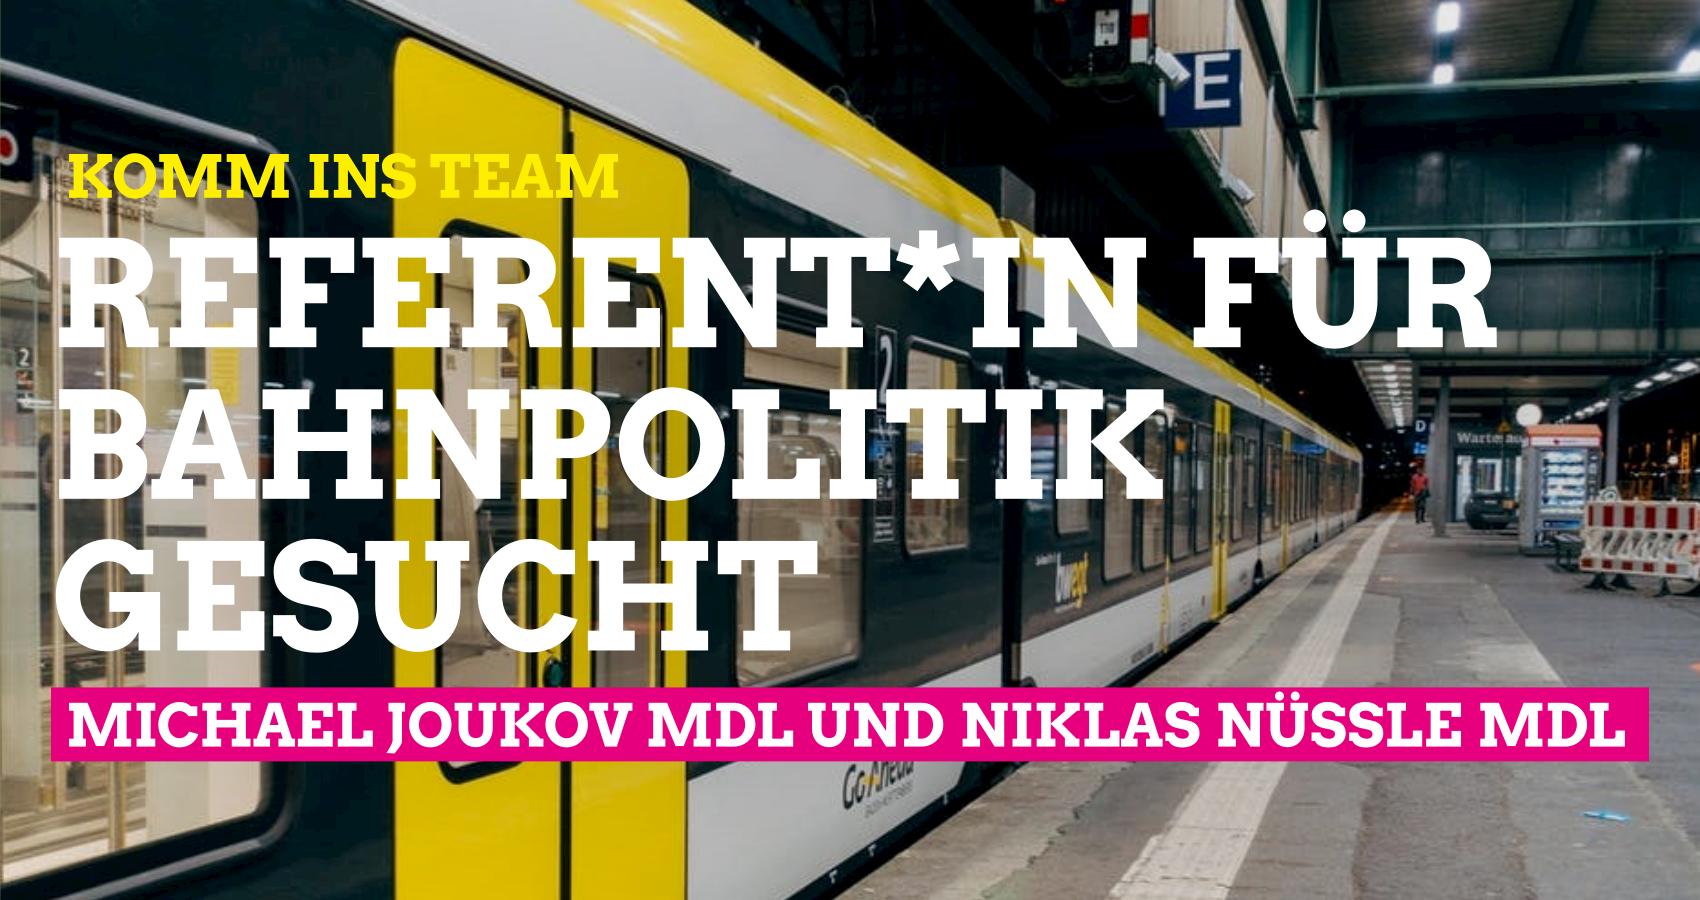 Referent*in für Schieneninfrastruktur und SPNV gesucht